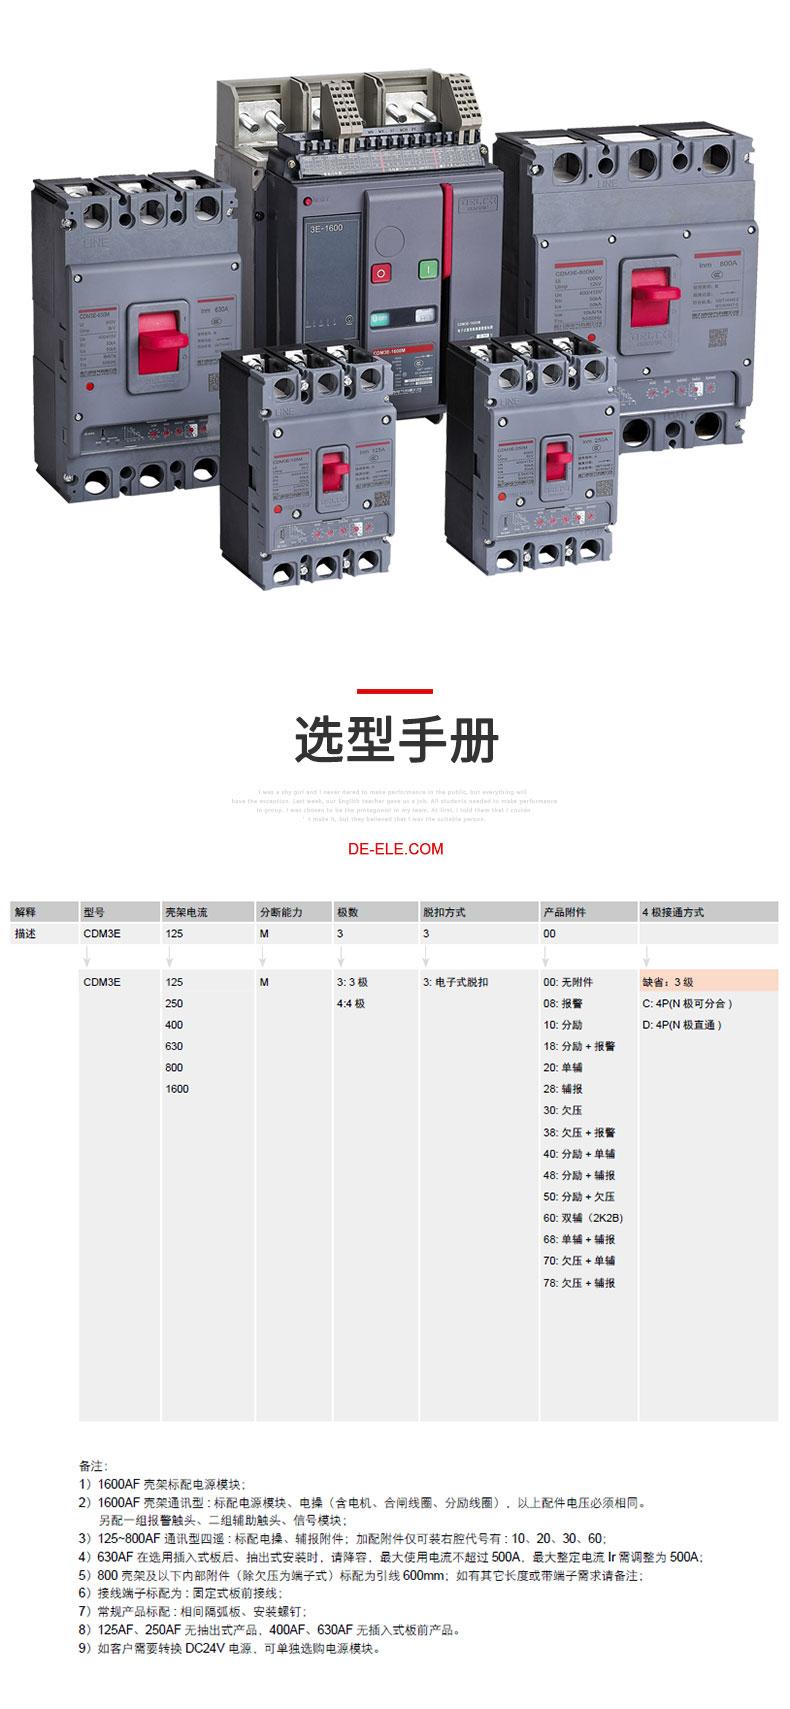 德力西CDM3E电子式可调塑壳断路器产品选型手册